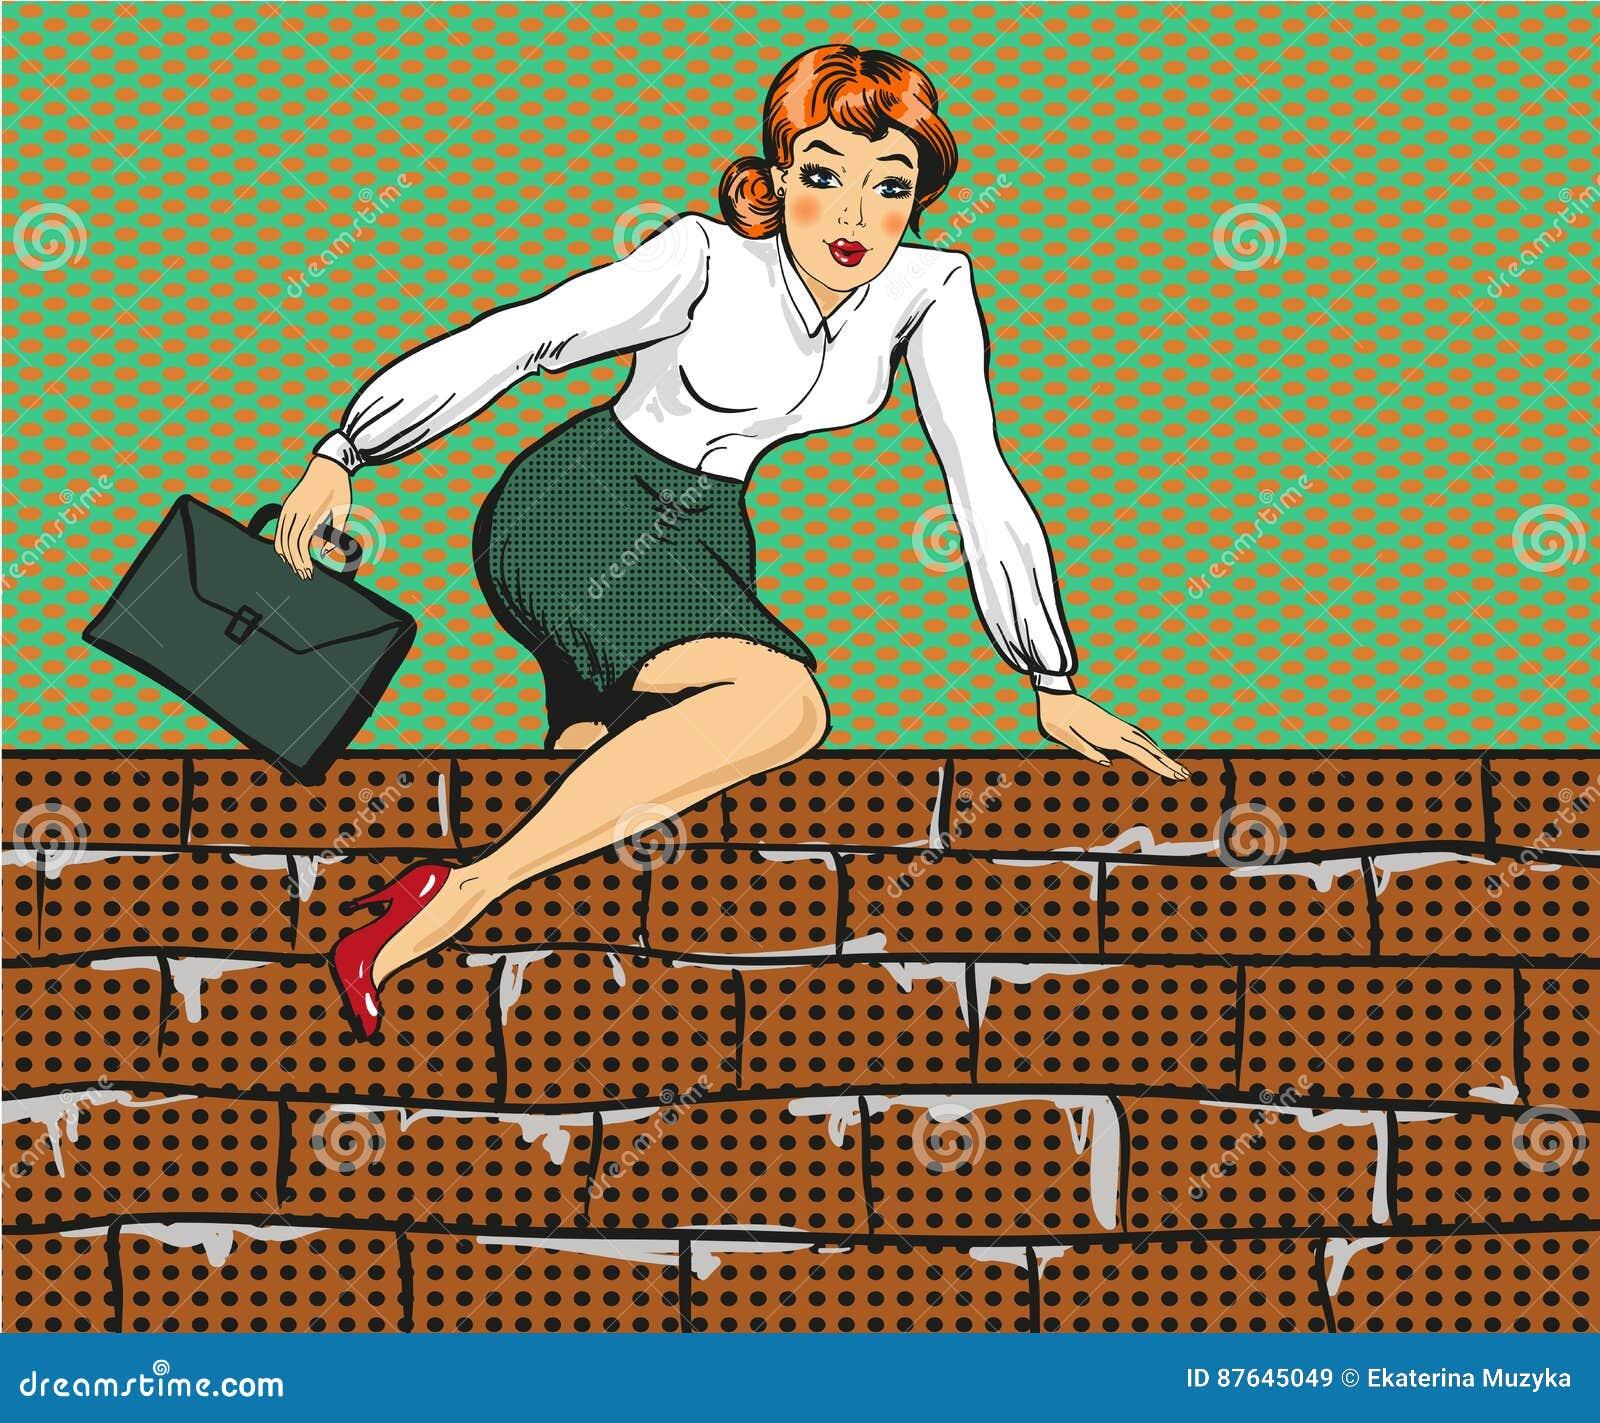 Vector die Illustration der Frau kletternd über Zaun, Pop-Arten-Art